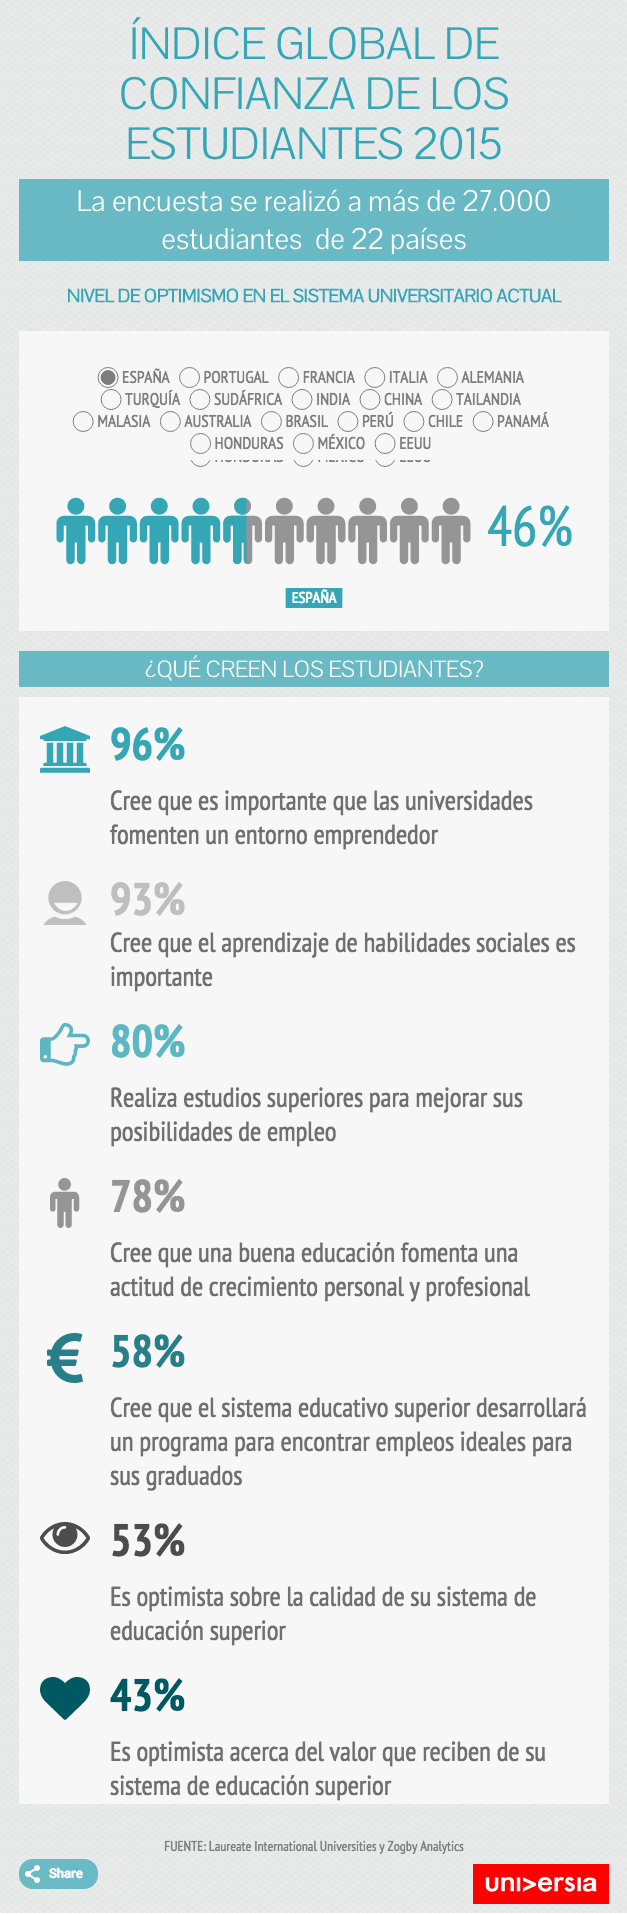 ¿Qué opinan los universitarios sobre su sistema educativo?